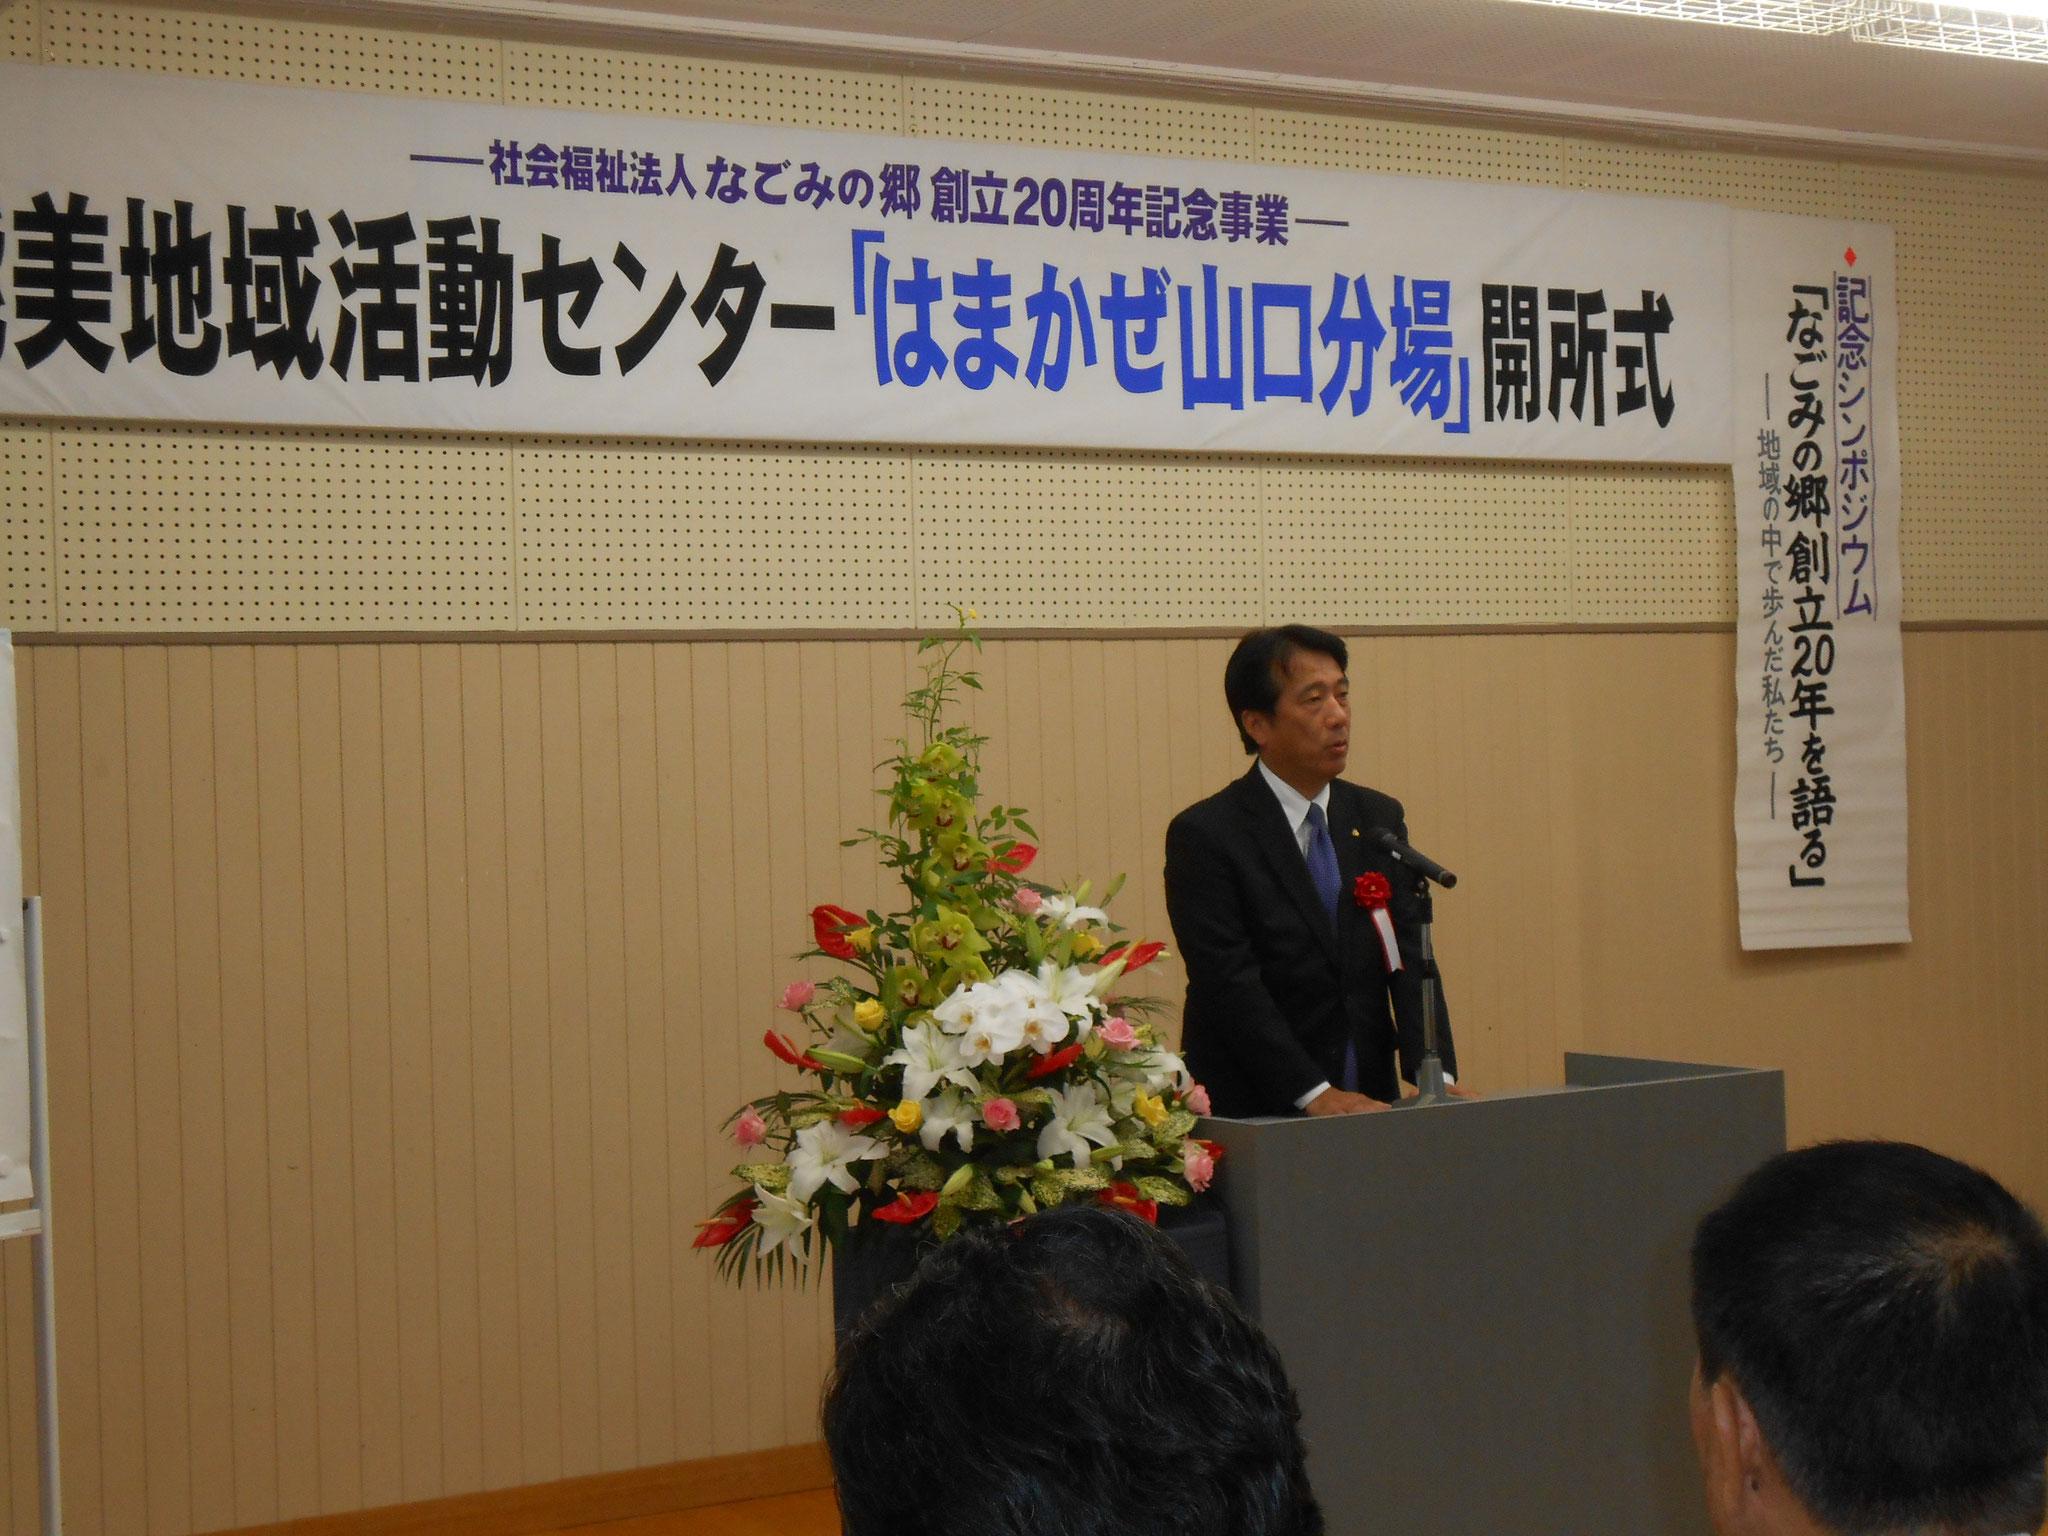 ご来賓のトップは井出能美市長の御祝辞